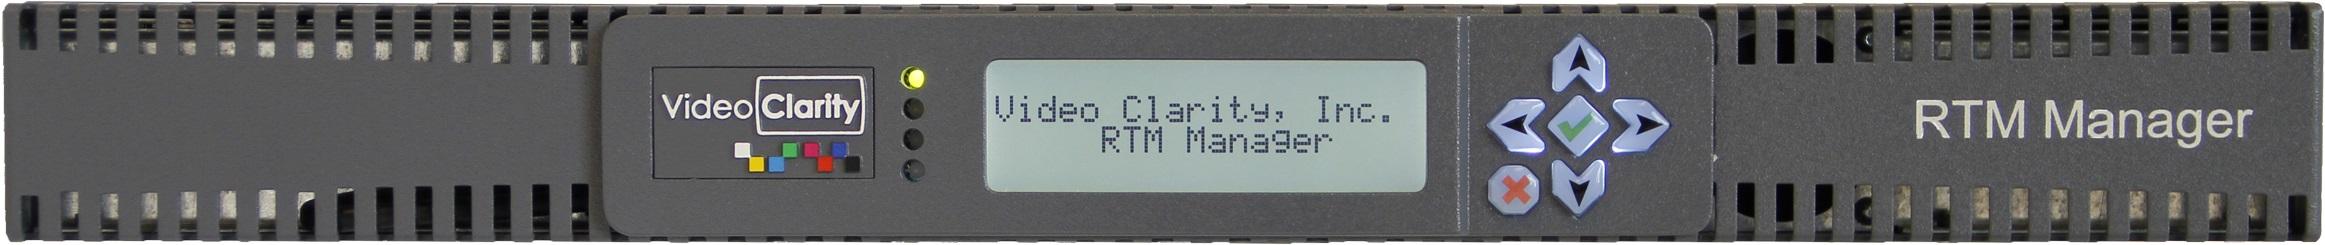 RTM Manager